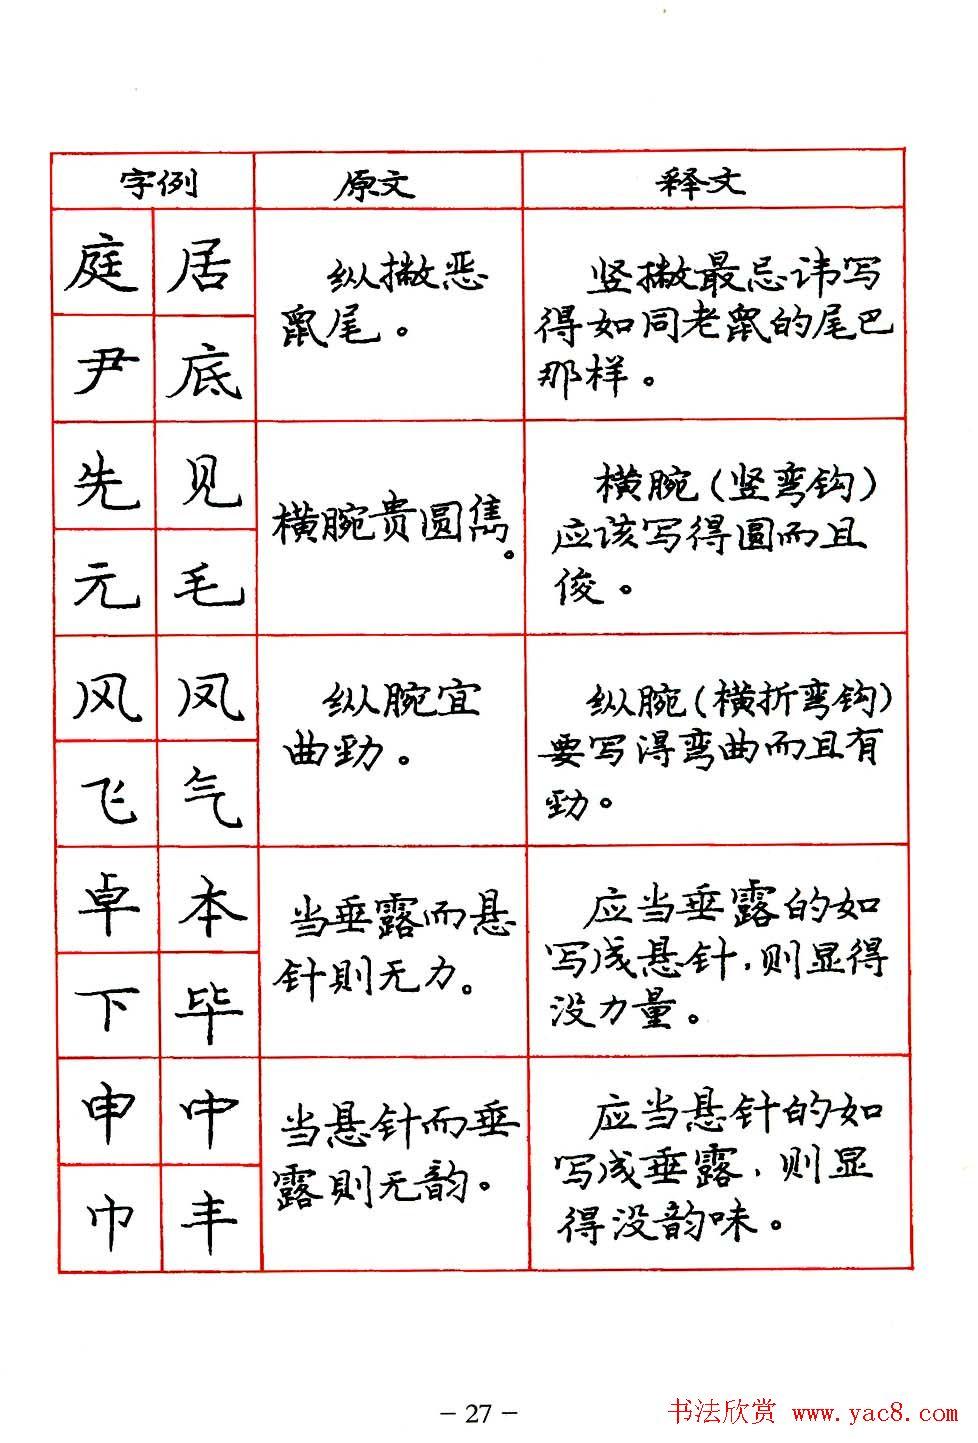 庞中华楷书规范字帖下载.pdf(27)